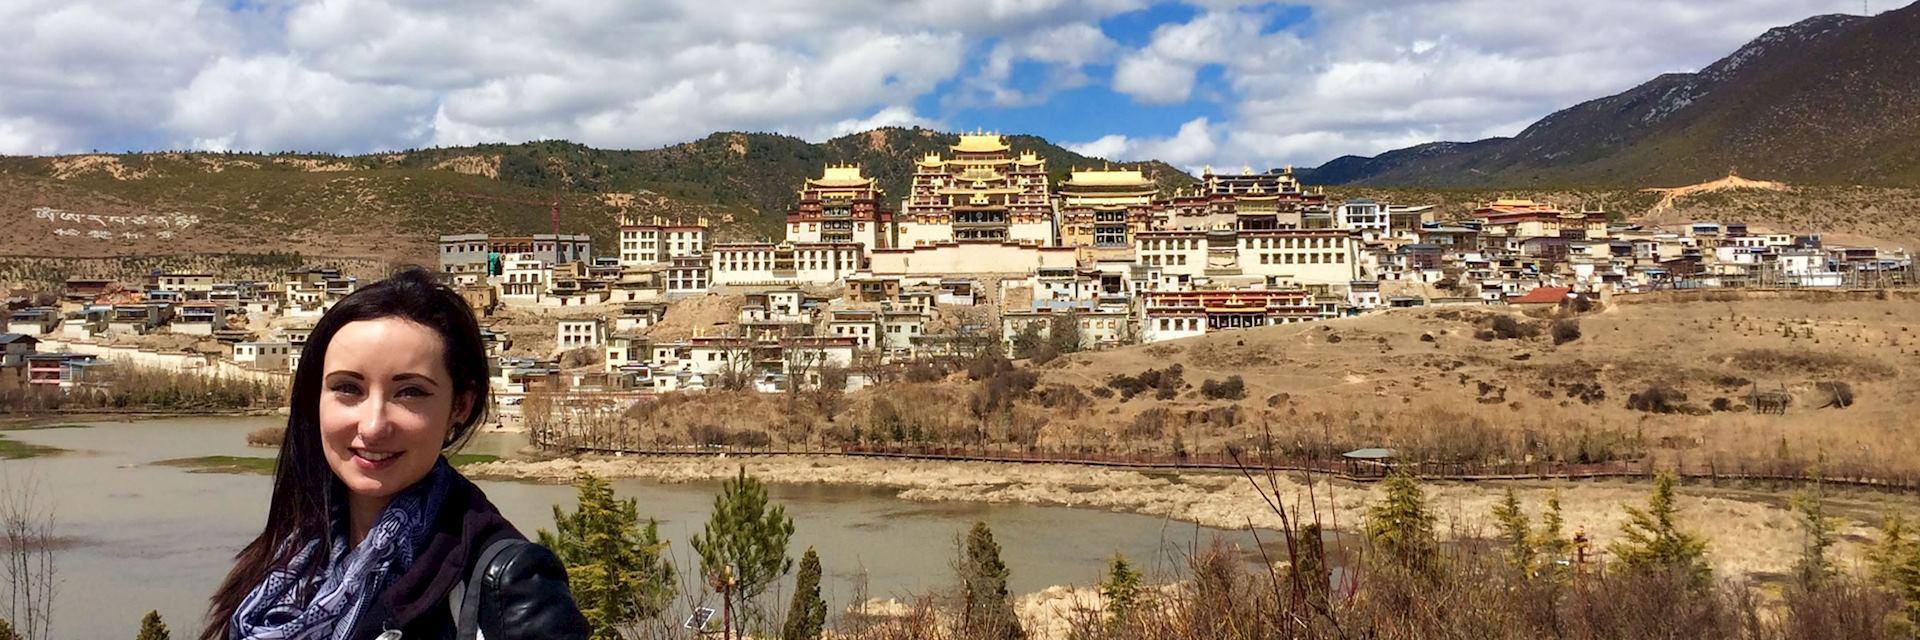 Susan at Songzanlin Monastery, Zhongdian, Yunnan